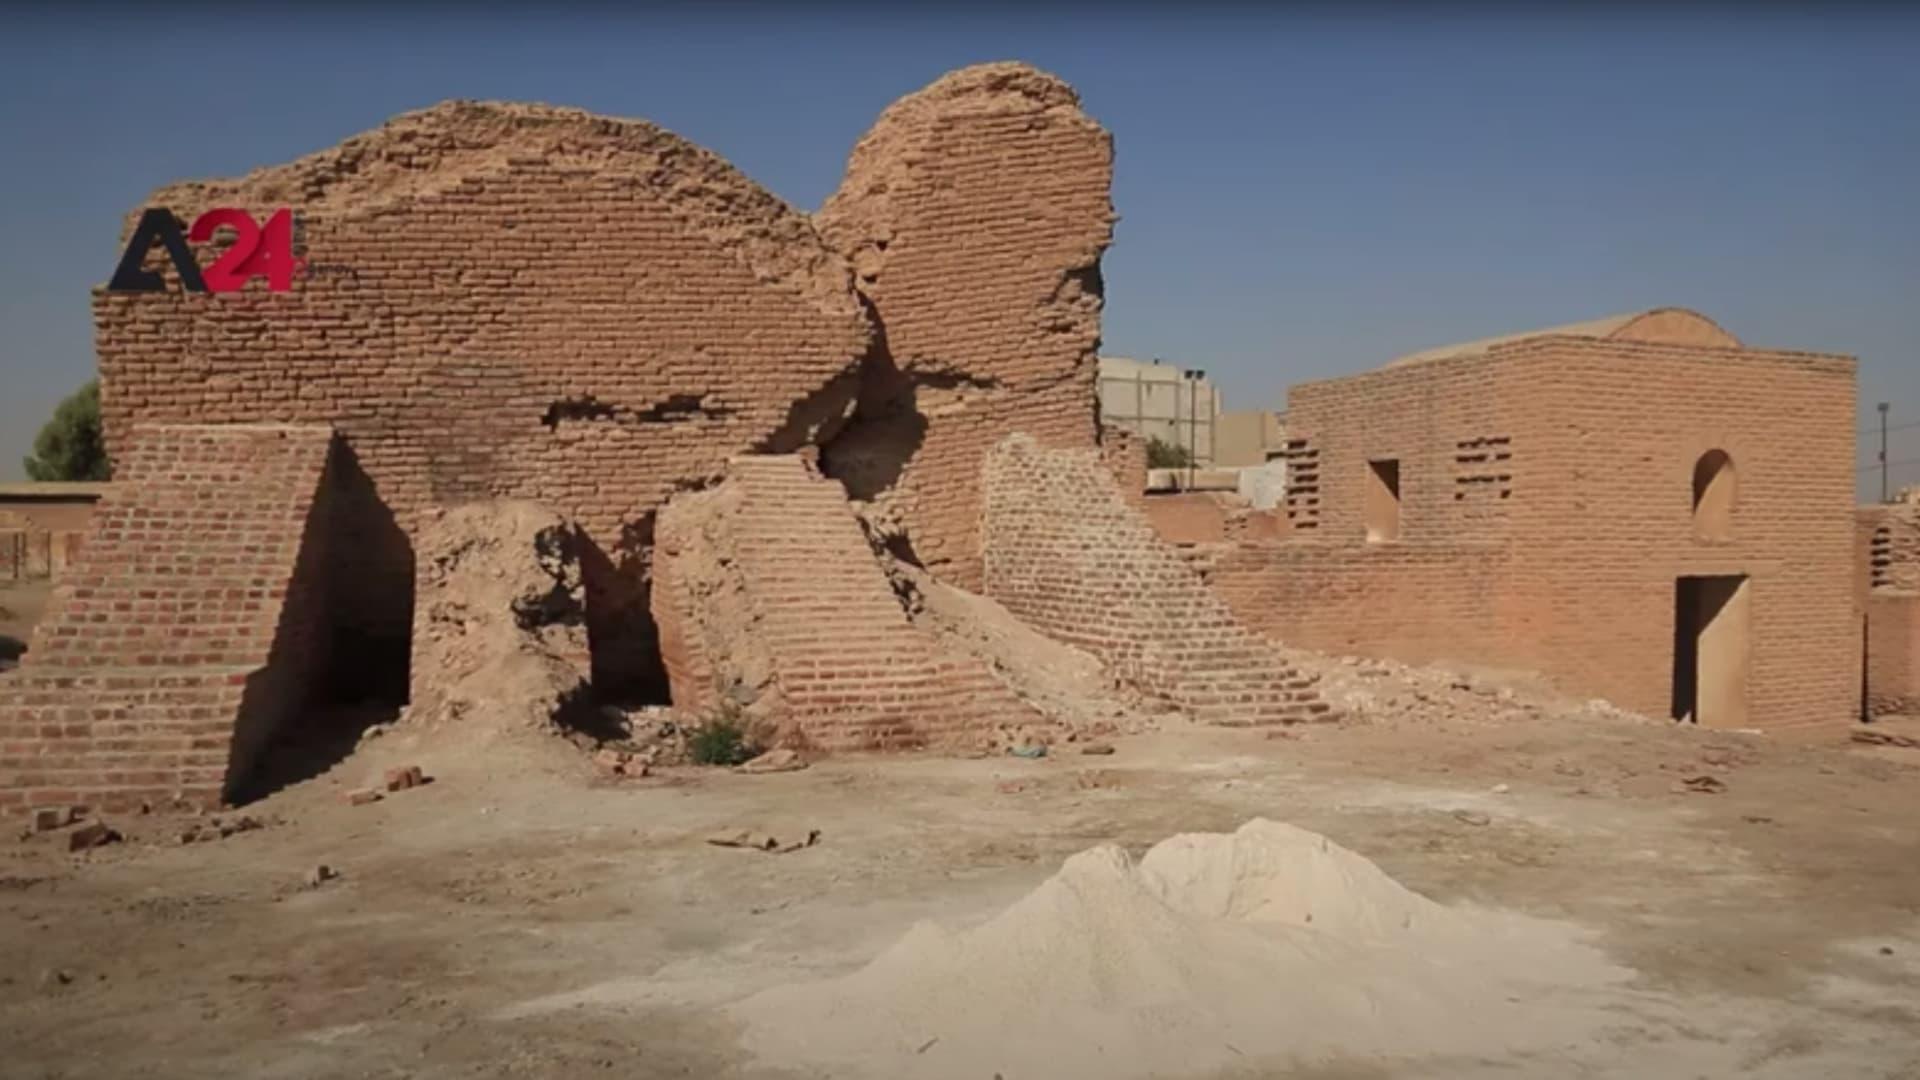 الرقة ترمم مواقعها الأثرية التي شوهتها حرب داعش في سوريا